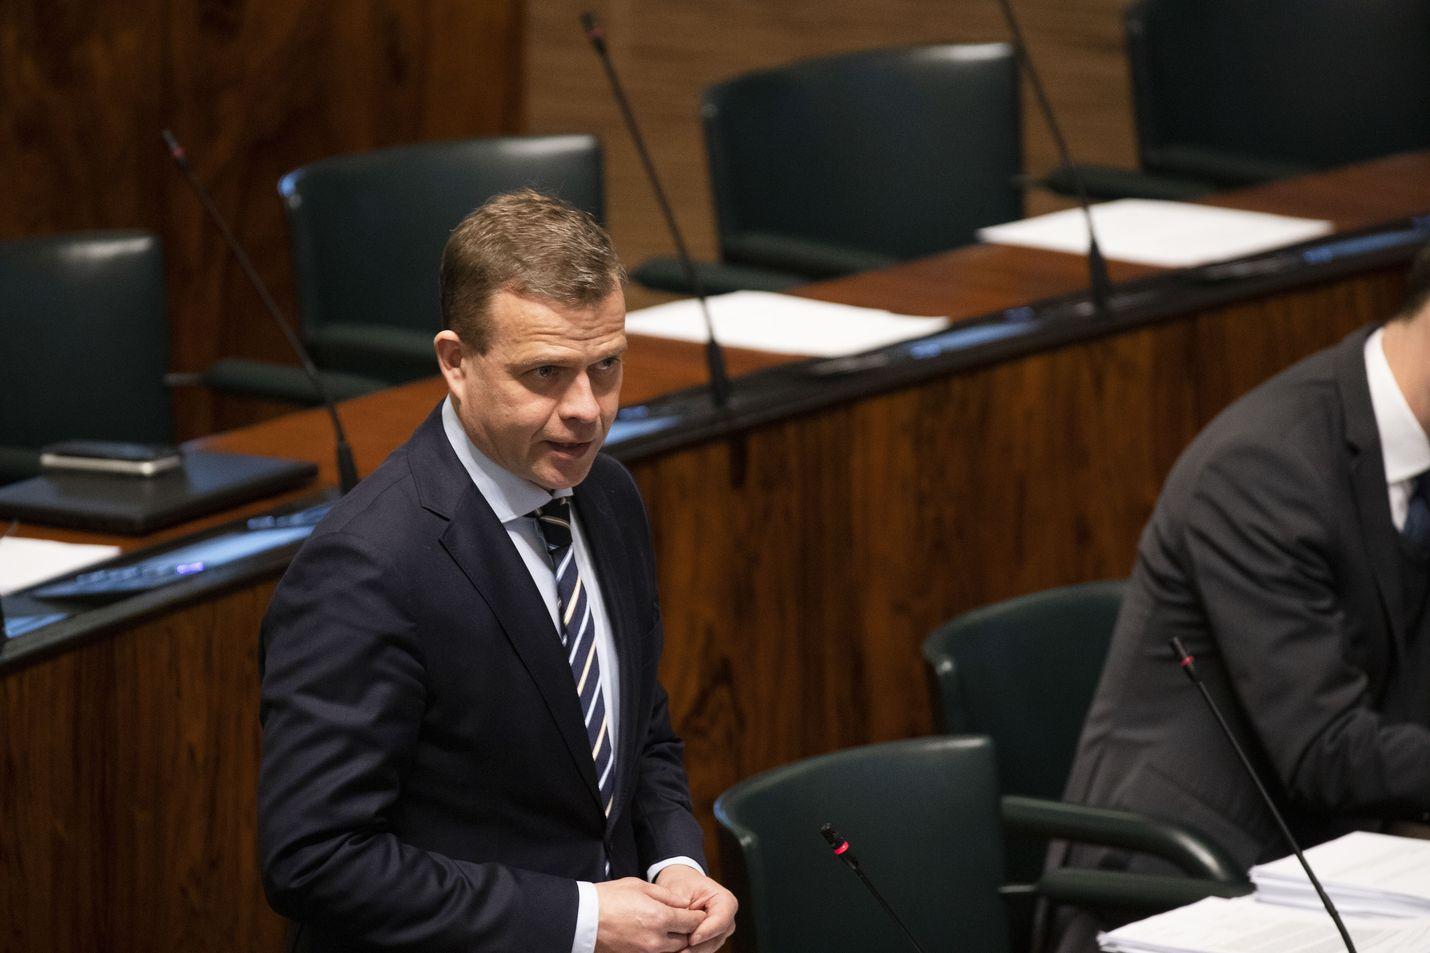 Kokoomuksen puheenjohtaja Petteri Orpo sanoi, että hallitus lisää vain tulevien sukupolvien velkataakkaa.